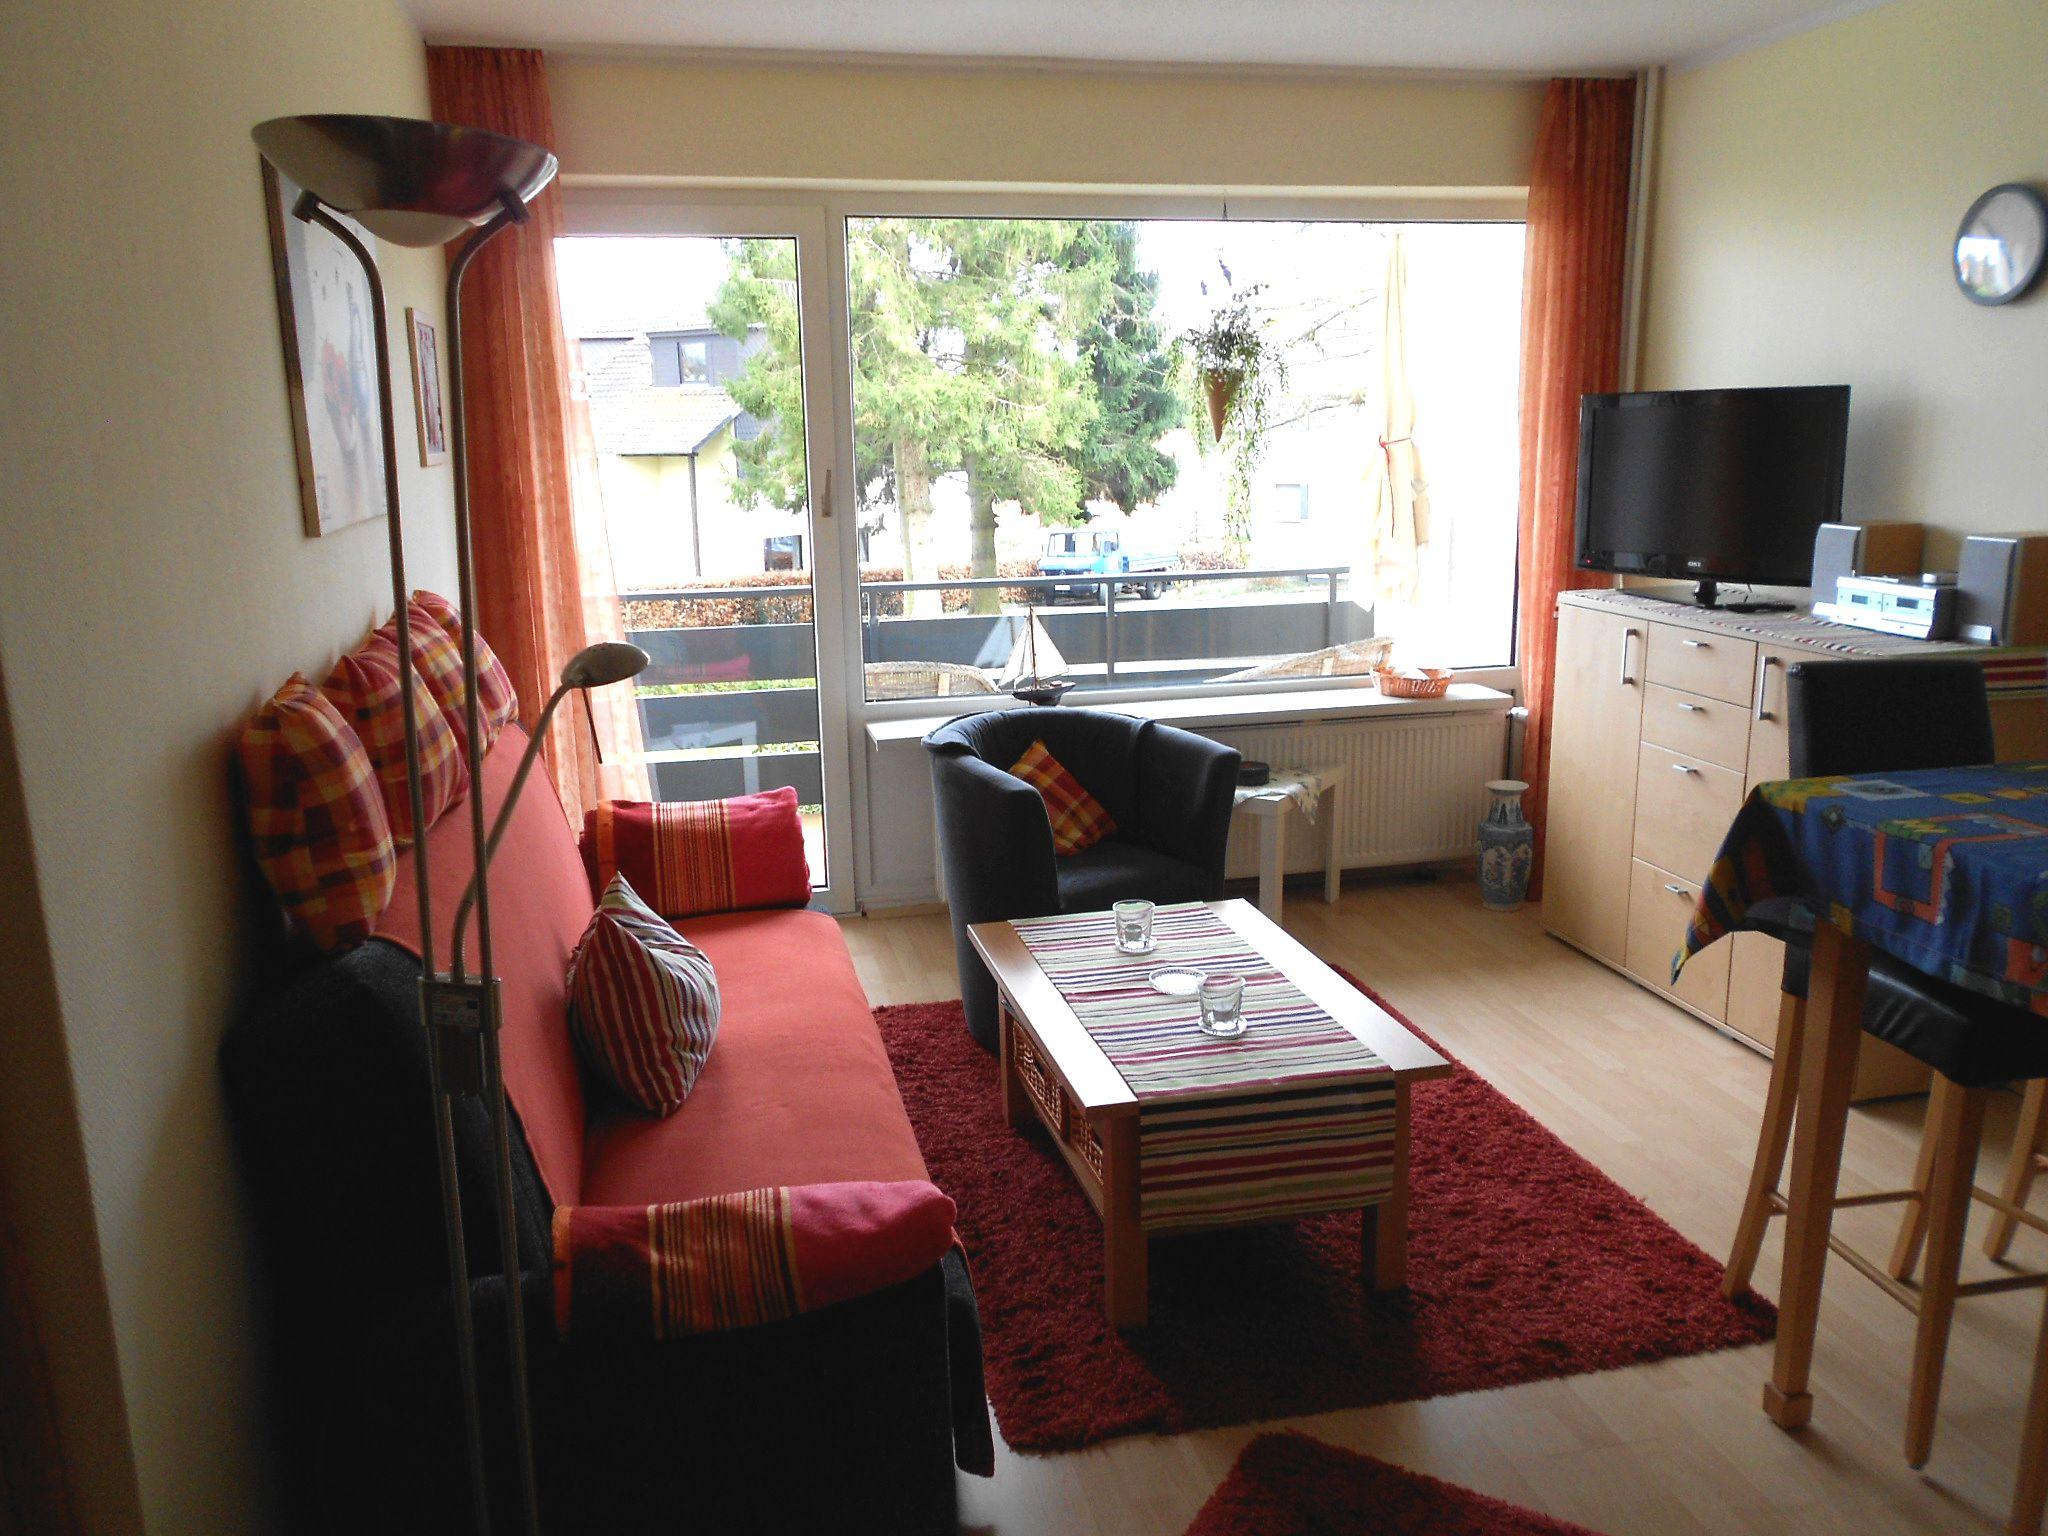 Wohnungseinrichtung westfalenmeer ihre ferienwohnung for Wohnungs einrichtung de